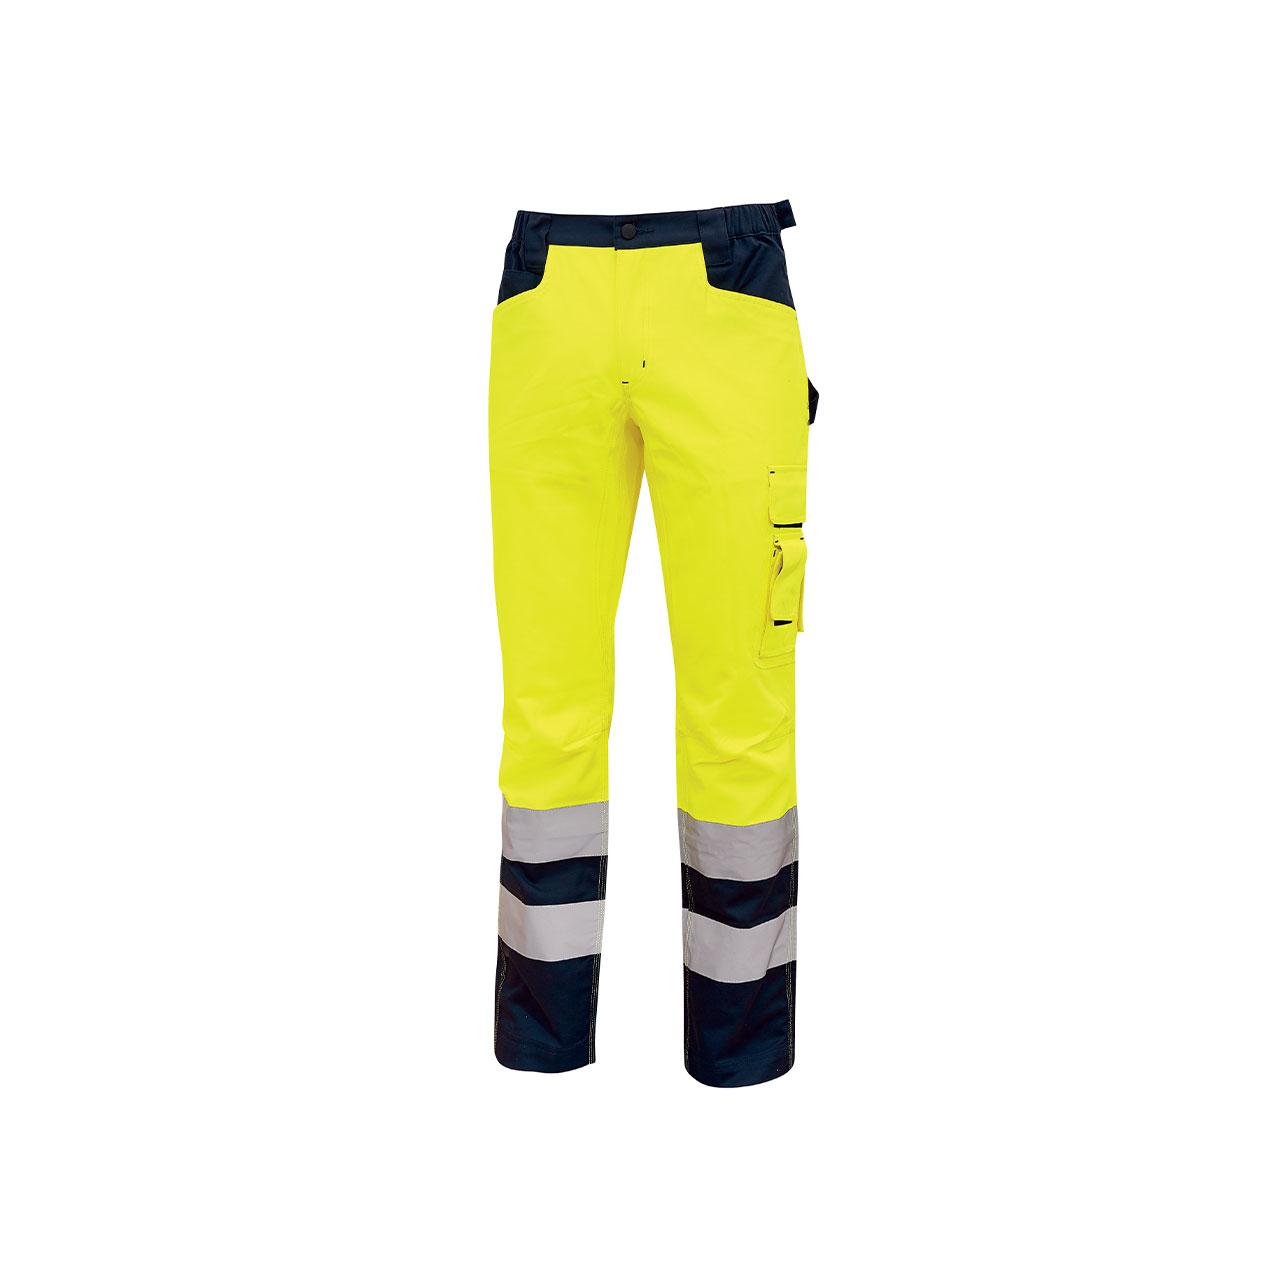 pantalone da lavoro upower modello radiant colore yello